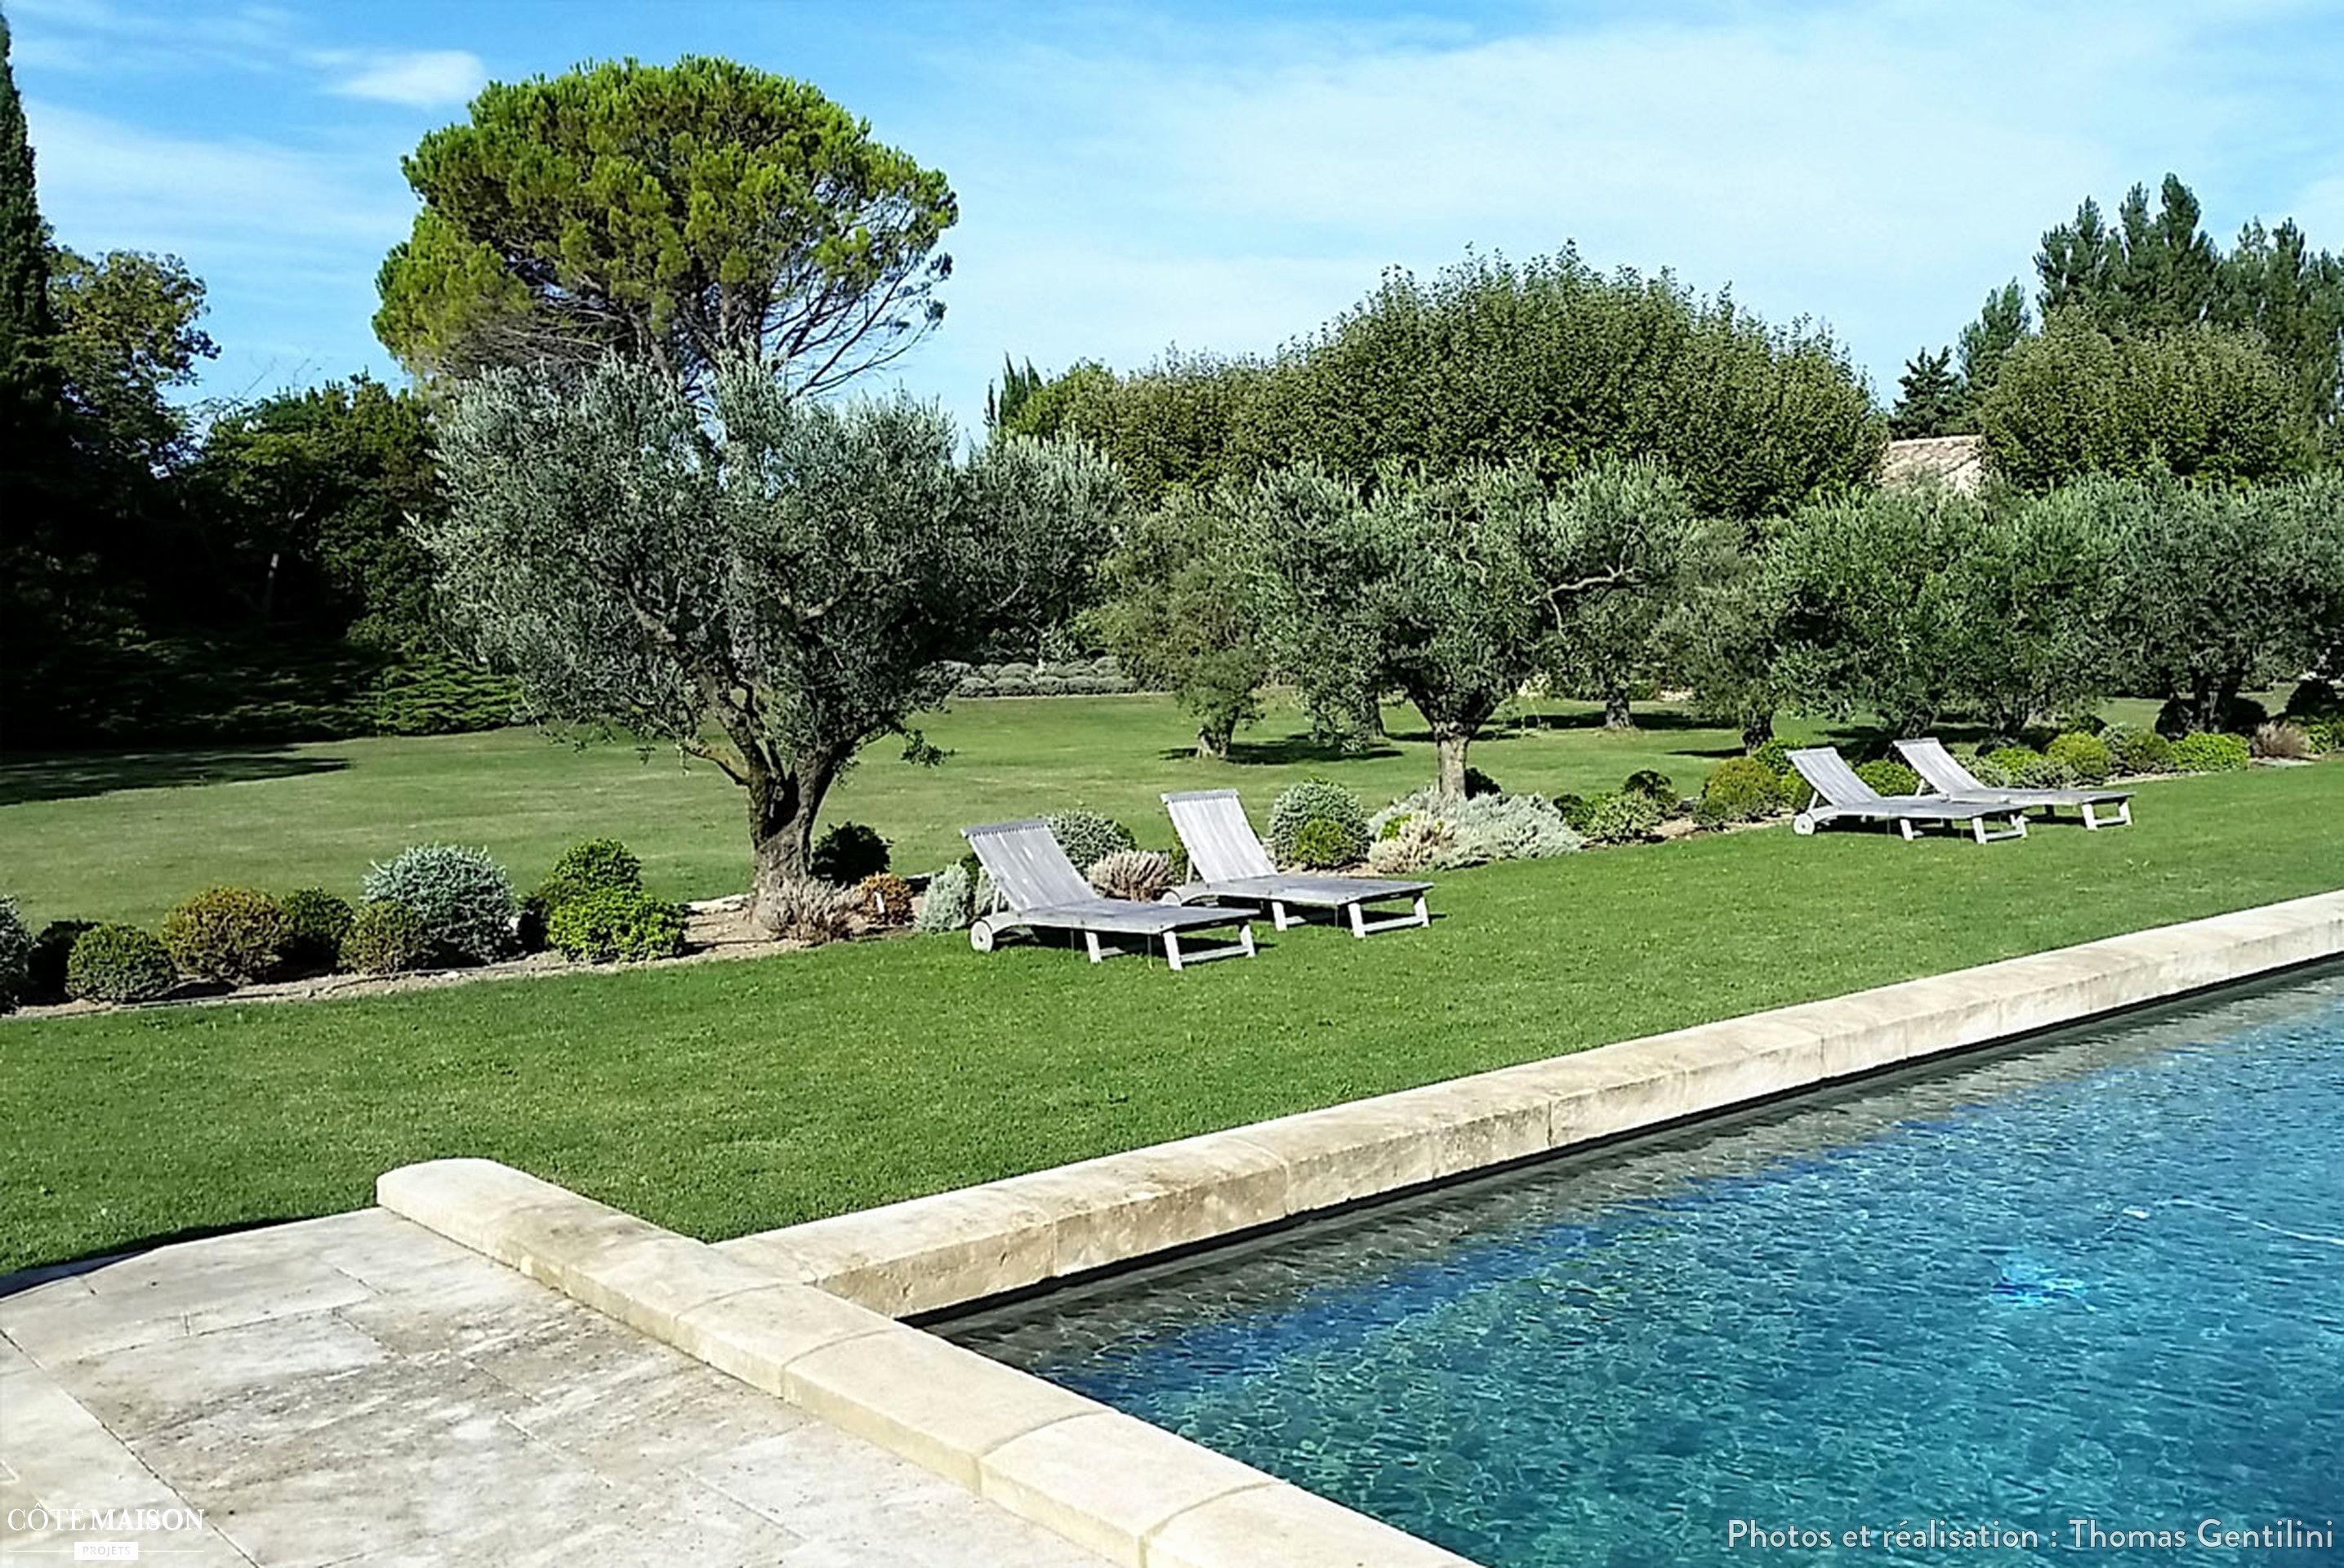 Deco Jardin Avec Piscine Meilleur De Photographie Deco Jardin Avec Piscine Inspirant Piscine Lesquin 0d orchids